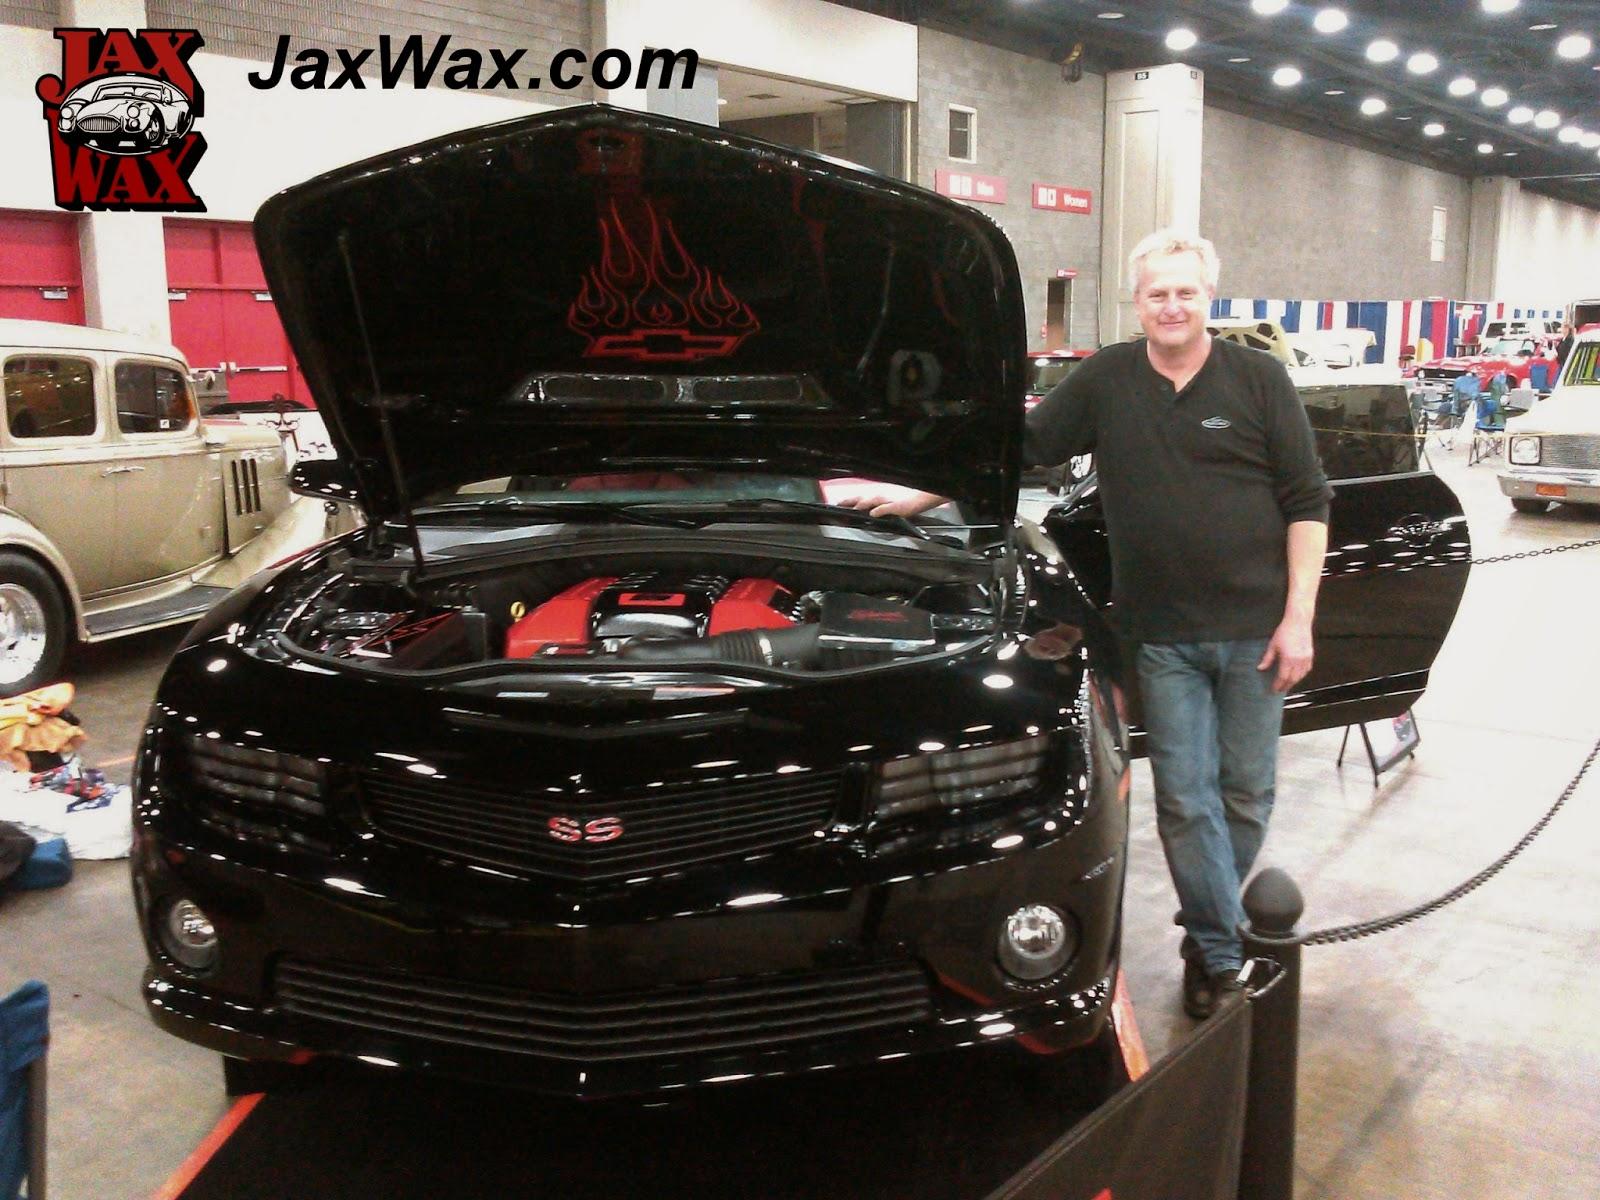 2010 Camaro SS Carl Casper Auto Show Jax Wax Customer